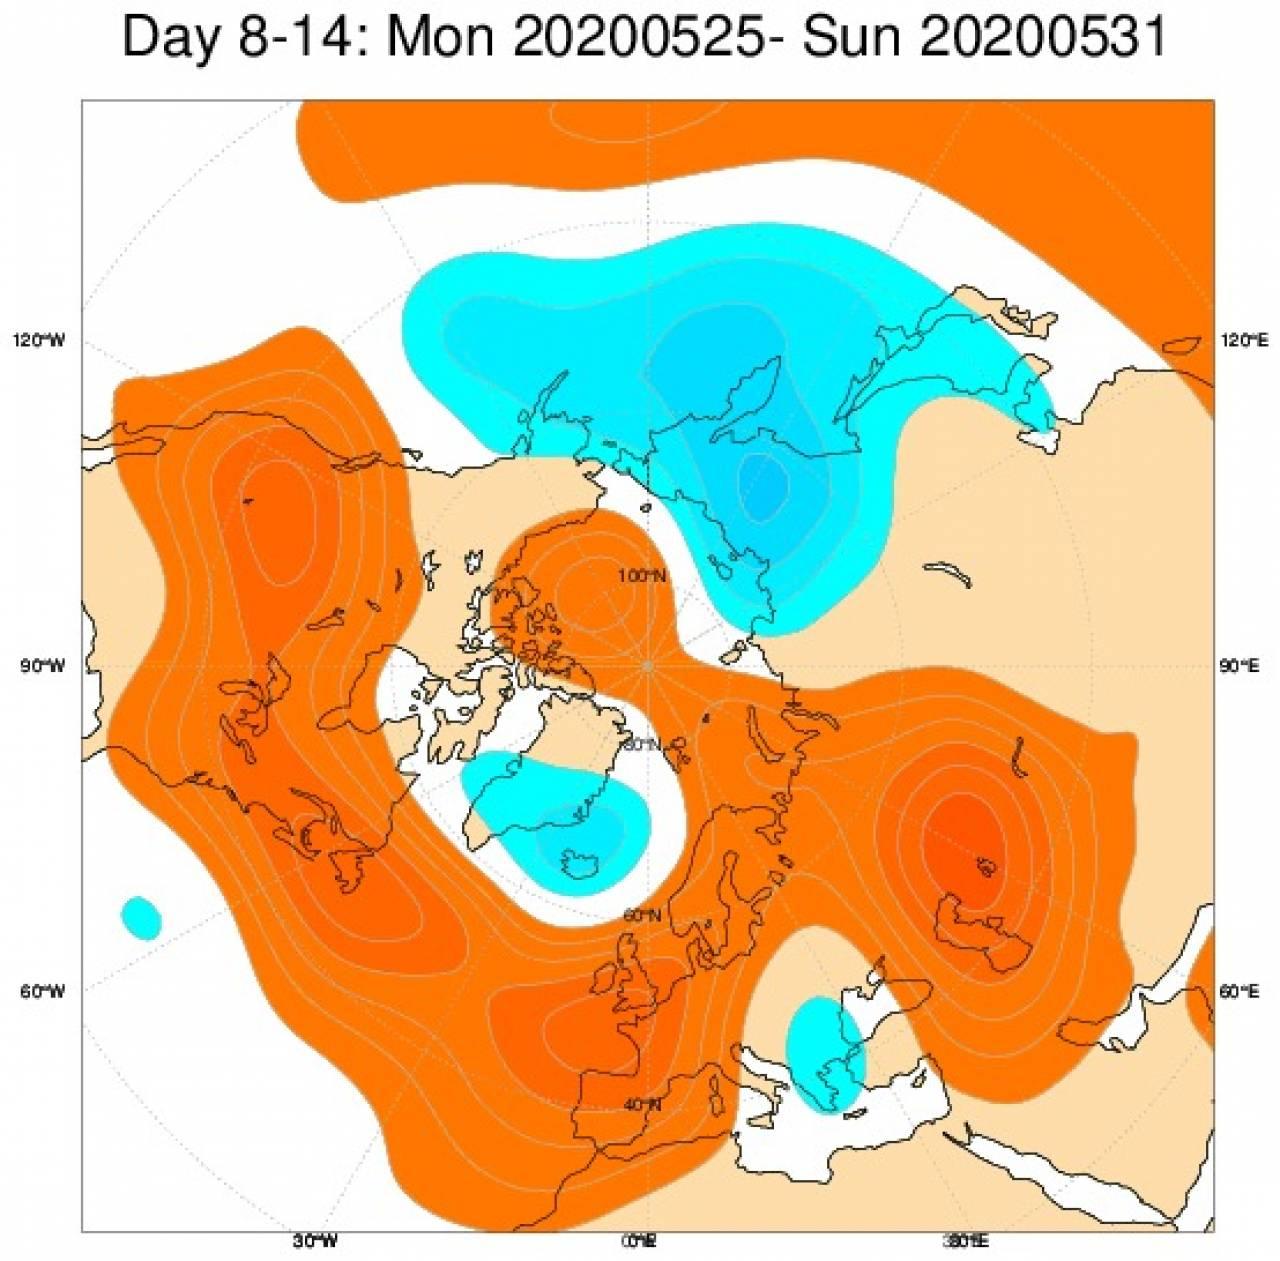 Le anomalie di geopotenziale a 500hPa secondo il modello Ecmwf per il periodo 25-31 maggio